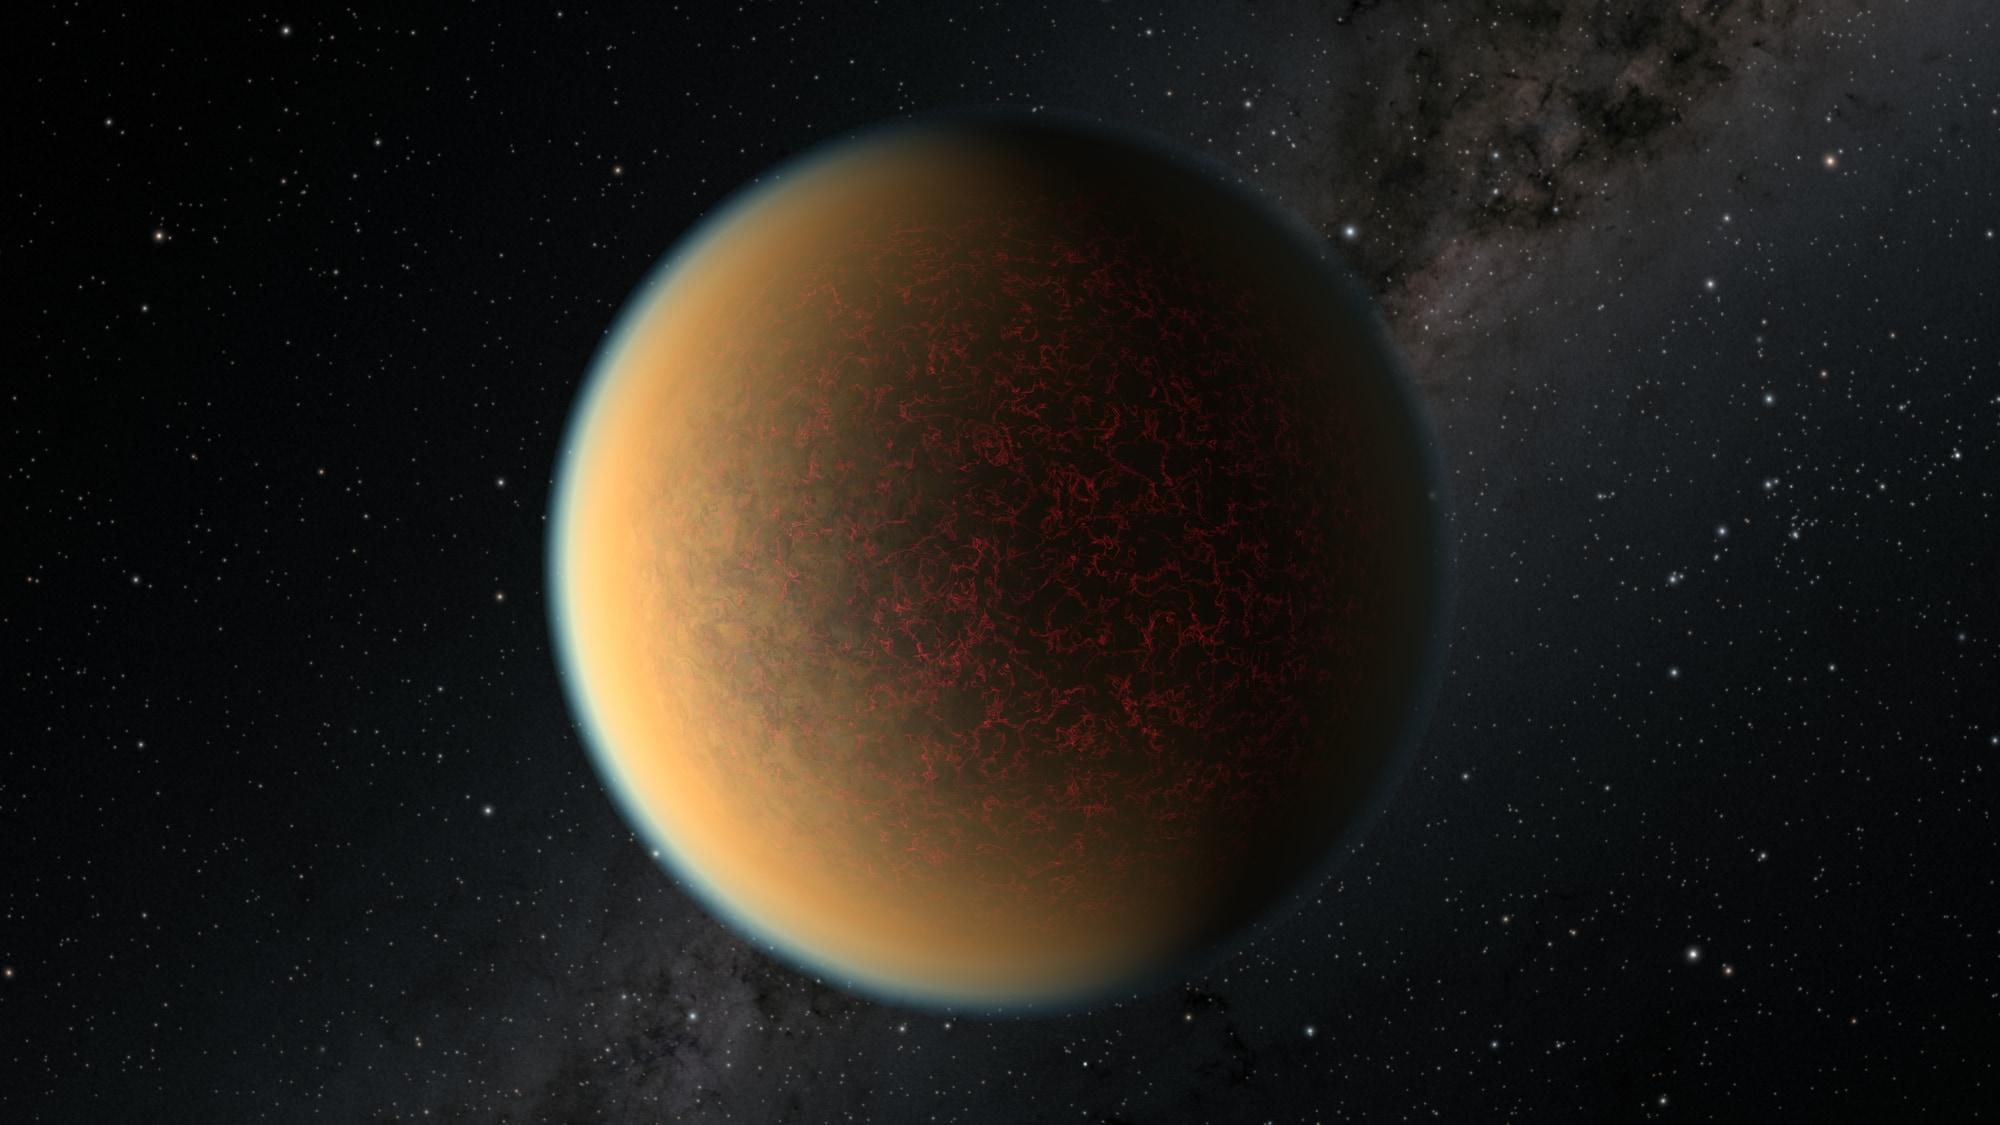 系外惑星GJ 1132bのアーティストイメージ。この星は、主星の放射で1度大気を吹き飛ばされてから、再度大気を獲得した。